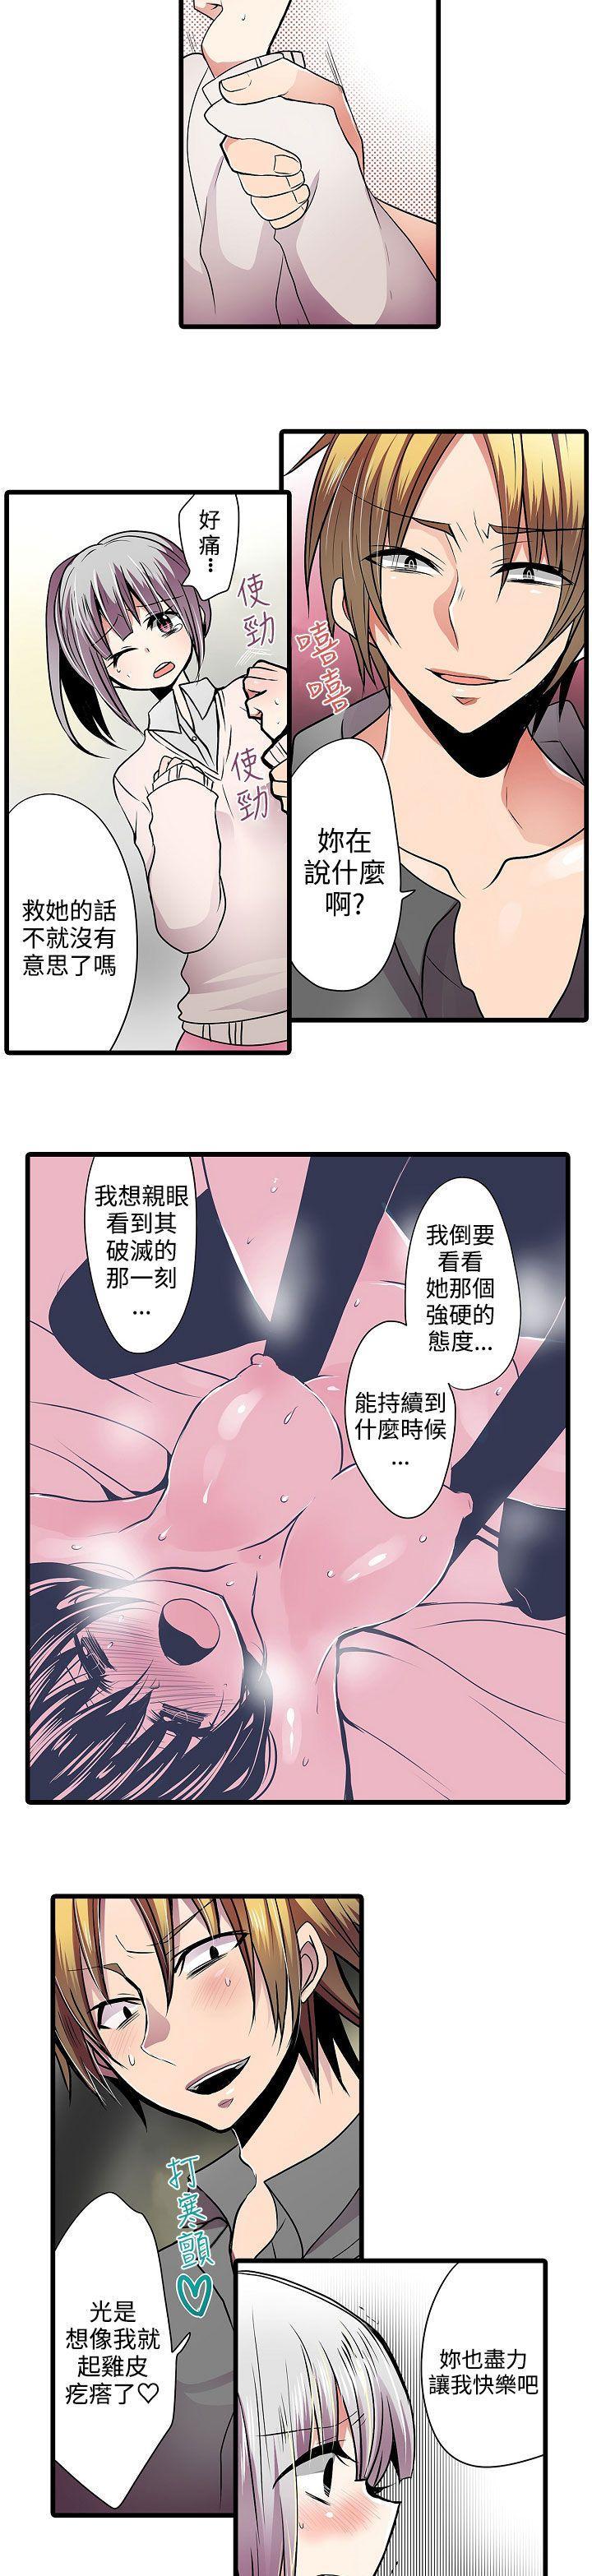 凌辱贩卖机-第8话全彩韩漫标签